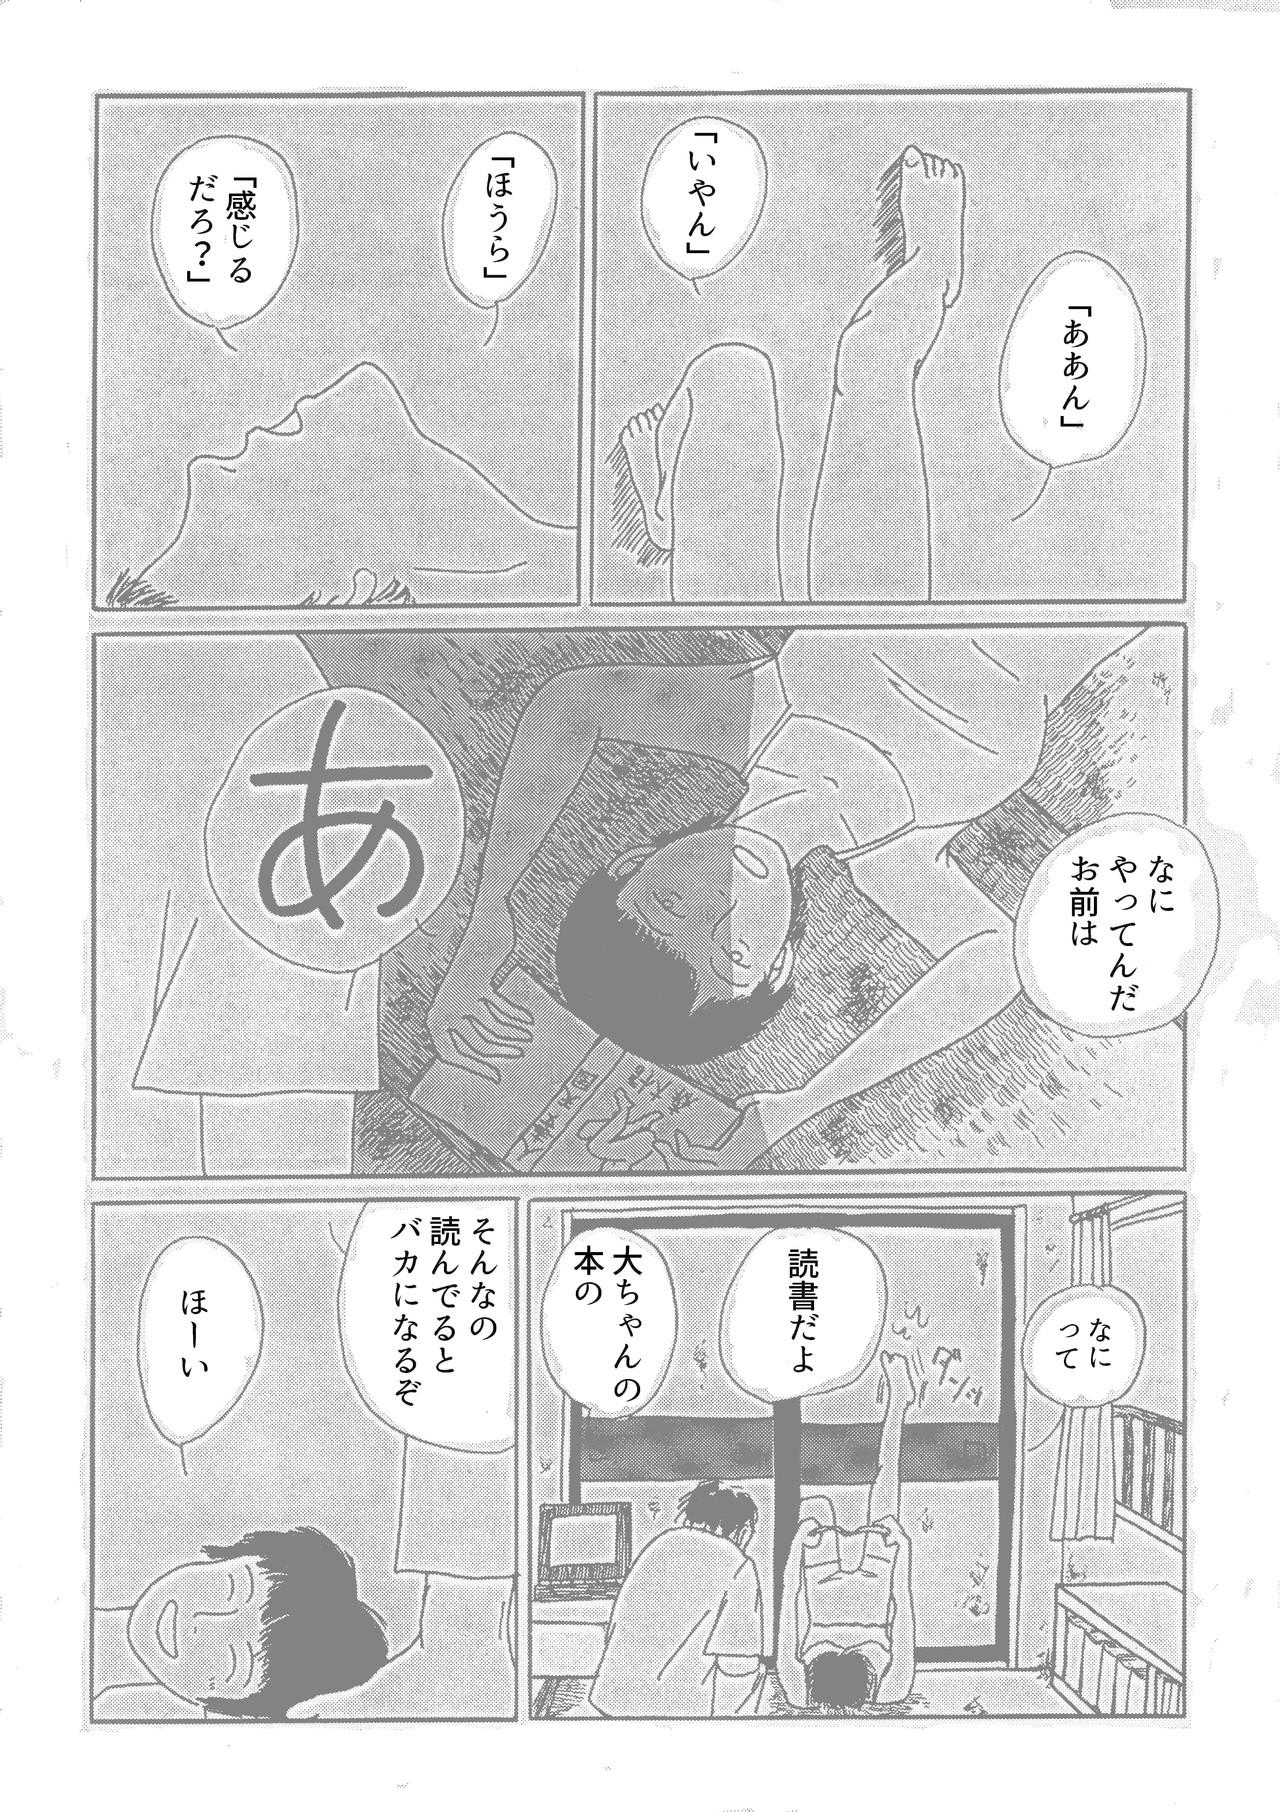 コミック1cc